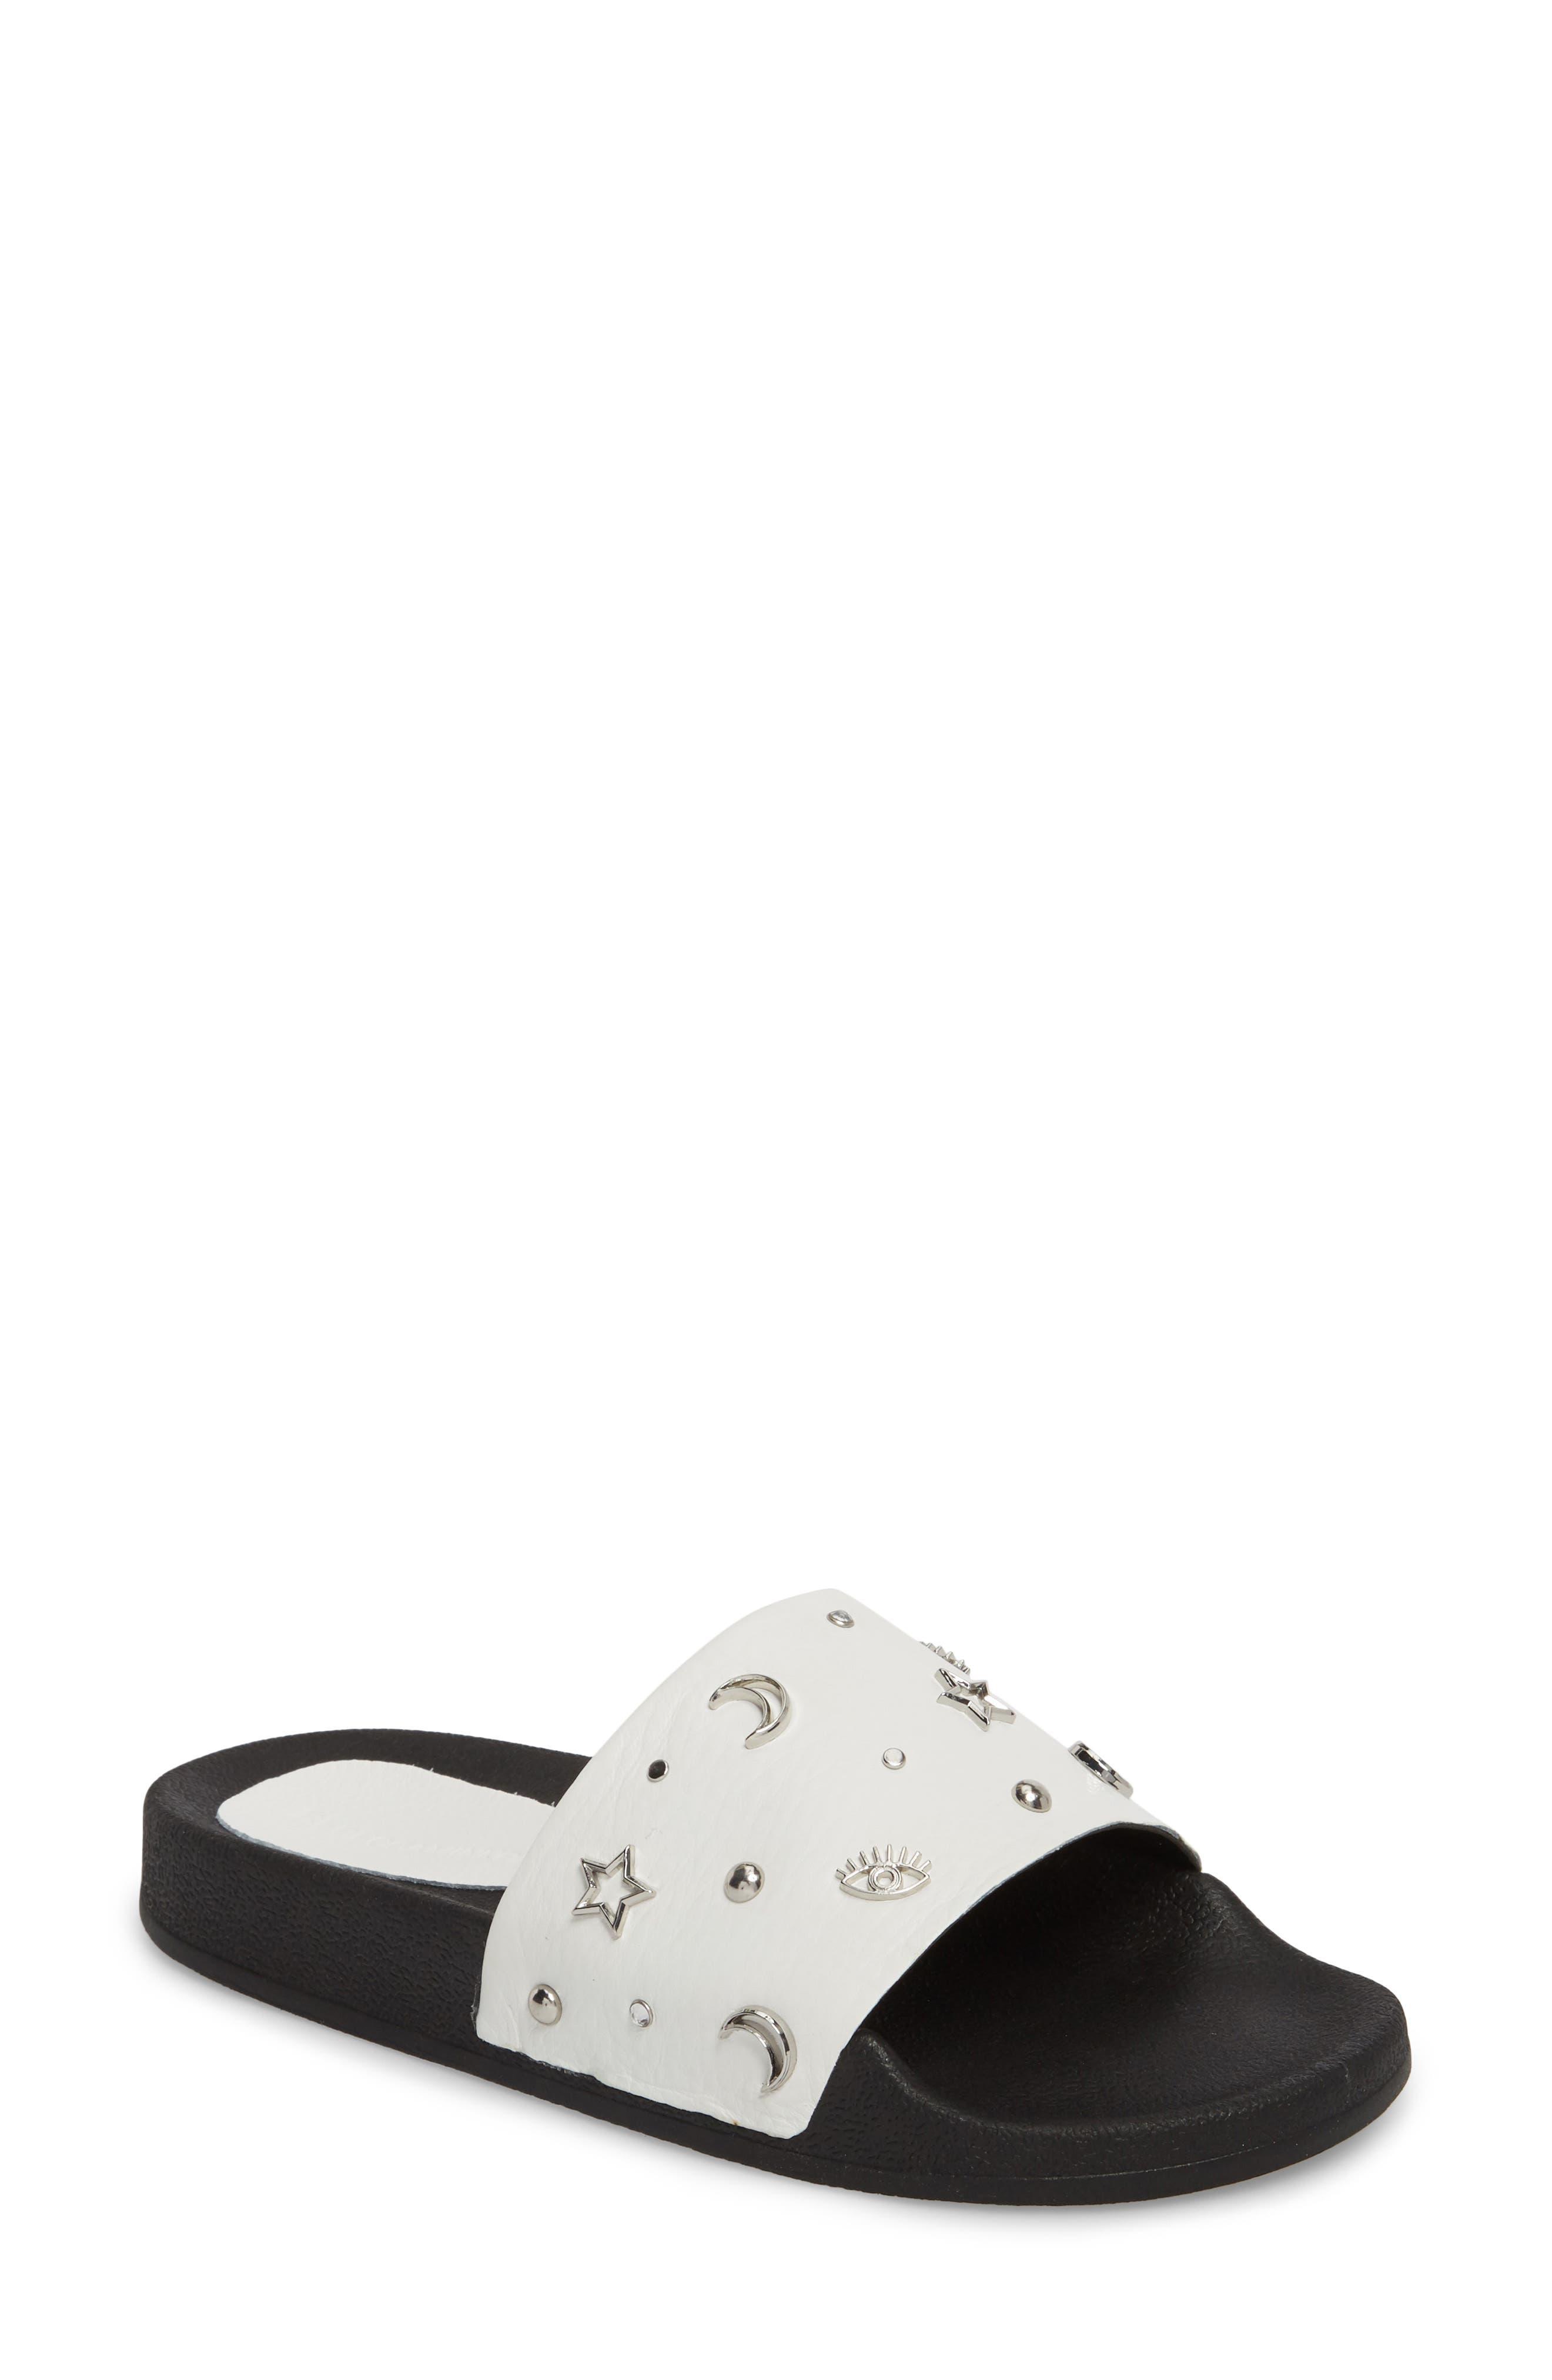 Thunder Slide Sandal,                             Main thumbnail 1, color,                             White Leather